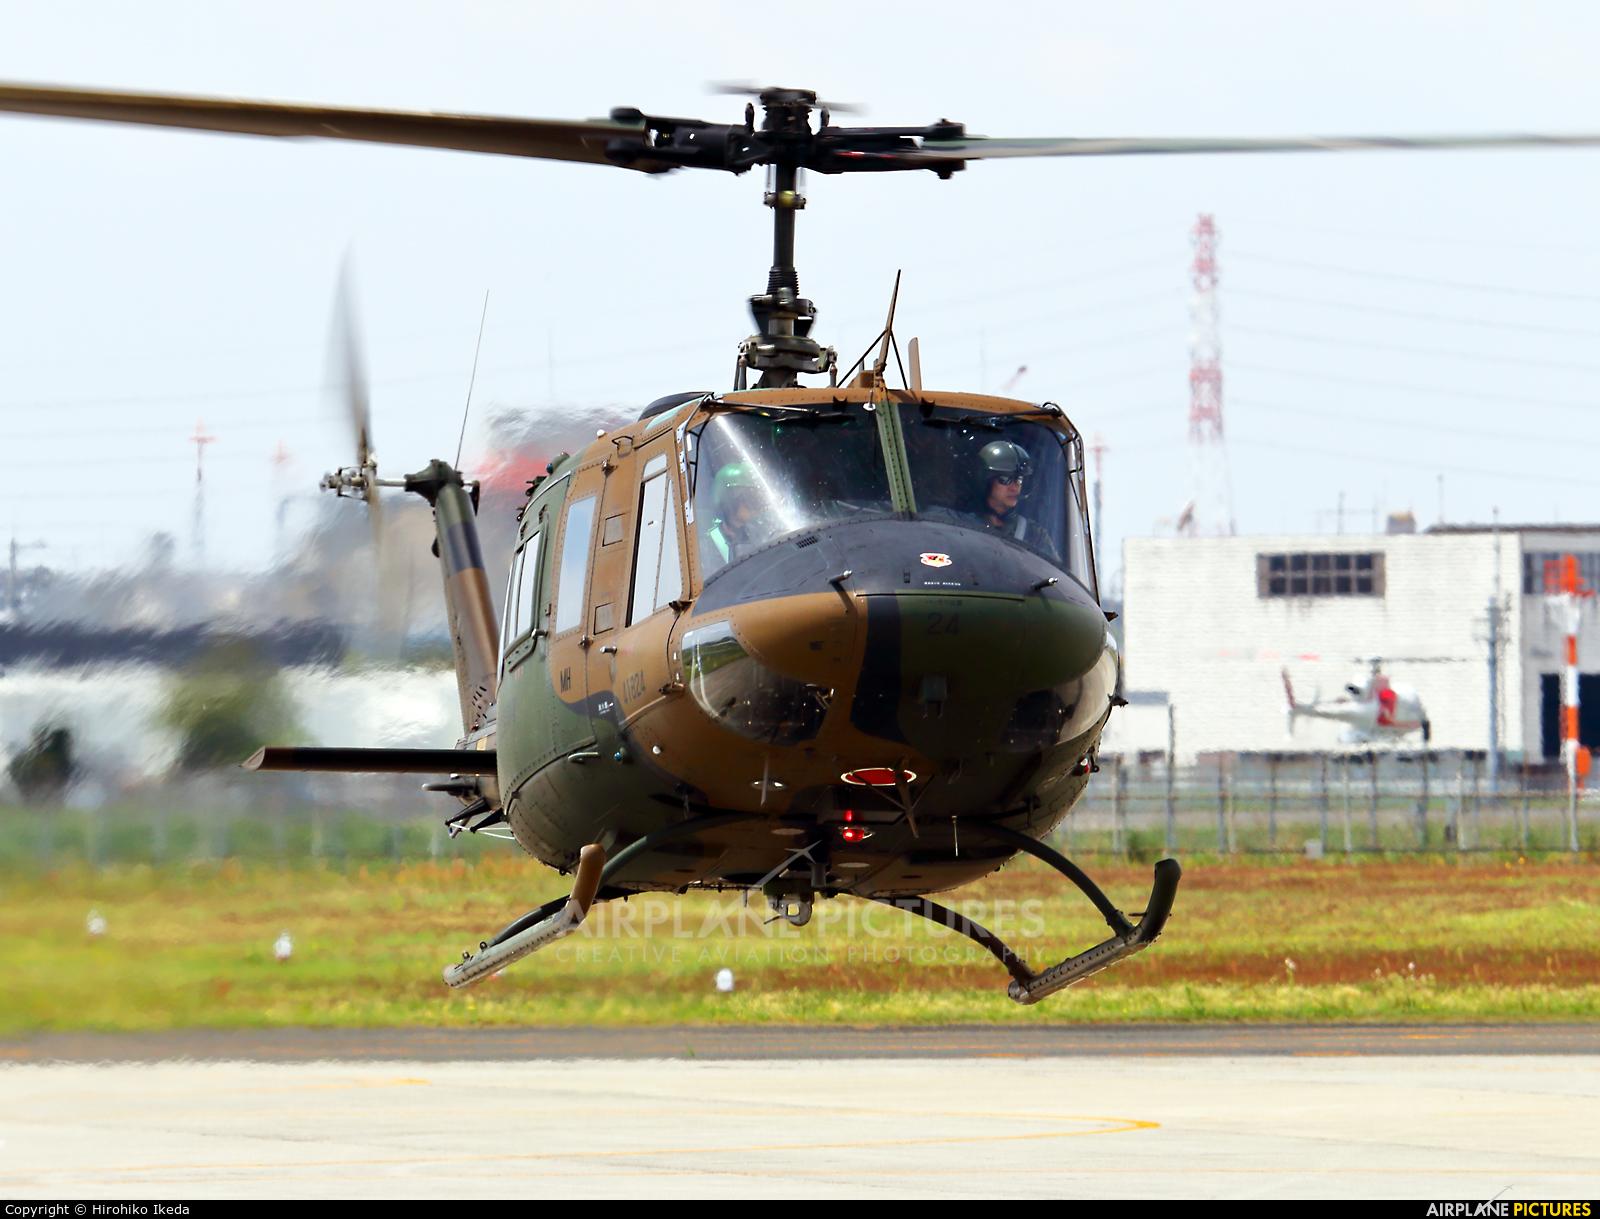 Japan - Ground Self Defense Force 41824 aircraft at Yao